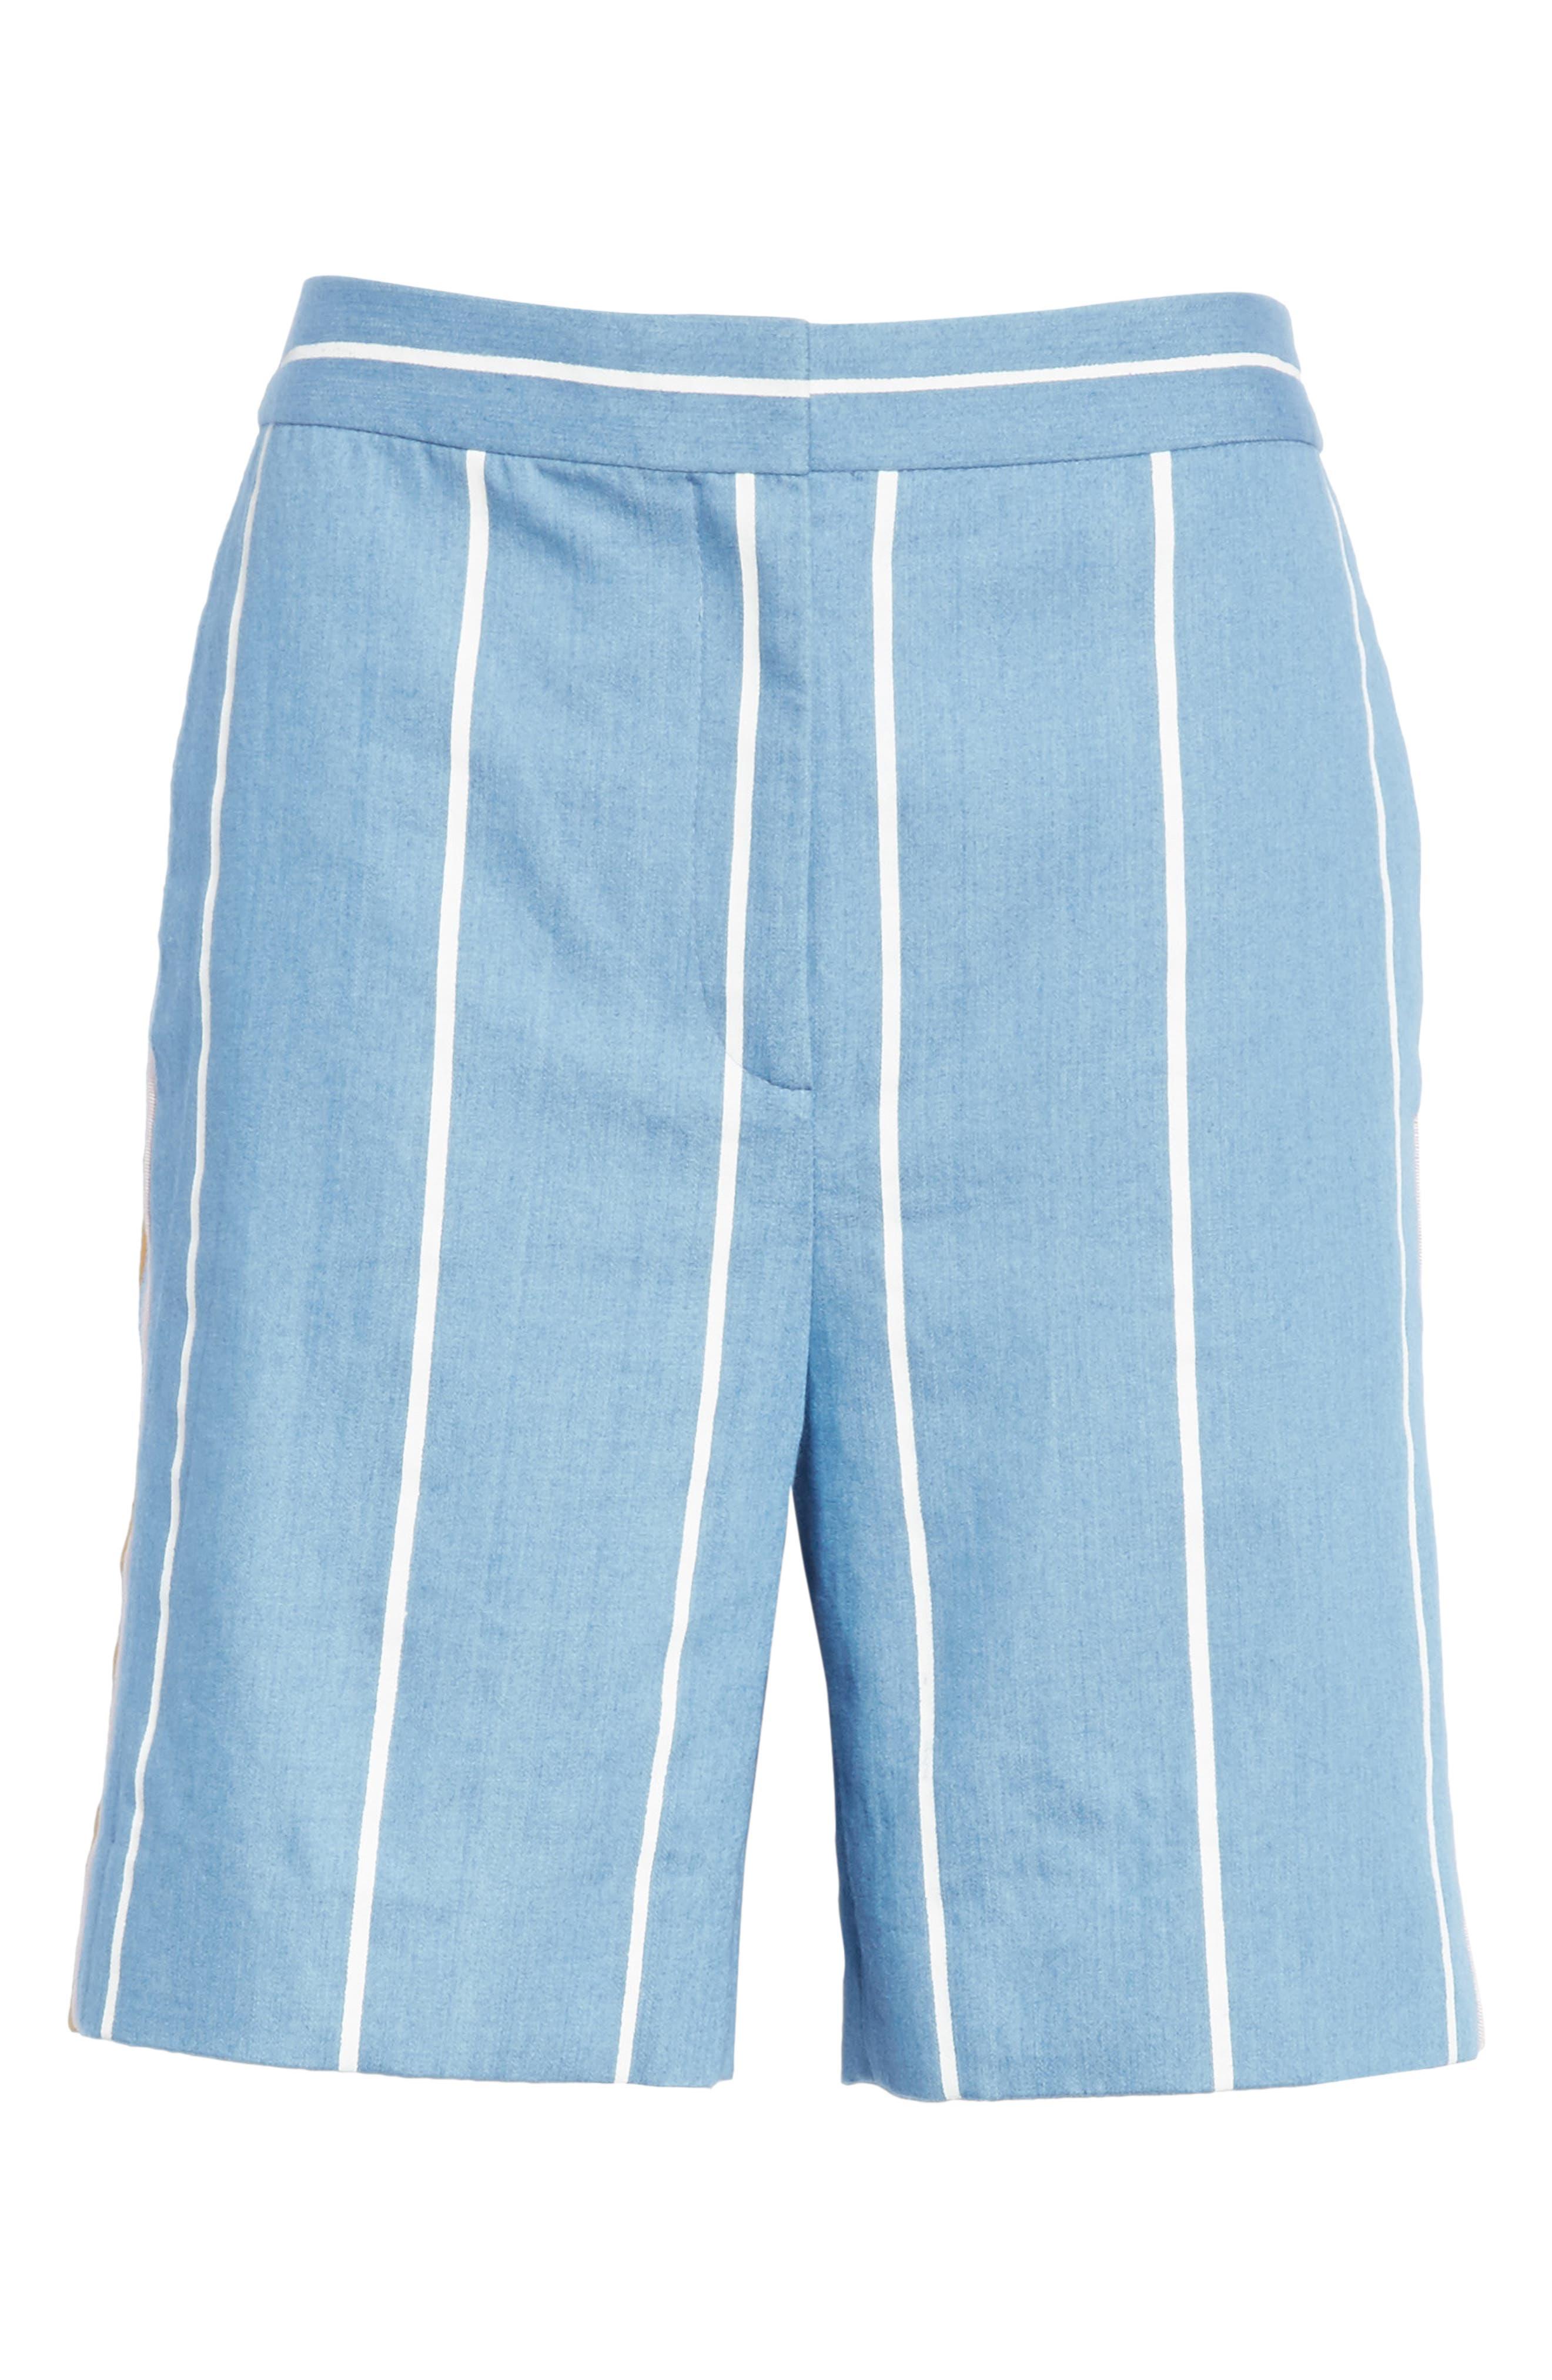 Stripe Slim Shorts,                             Alternate thumbnail 6, color,